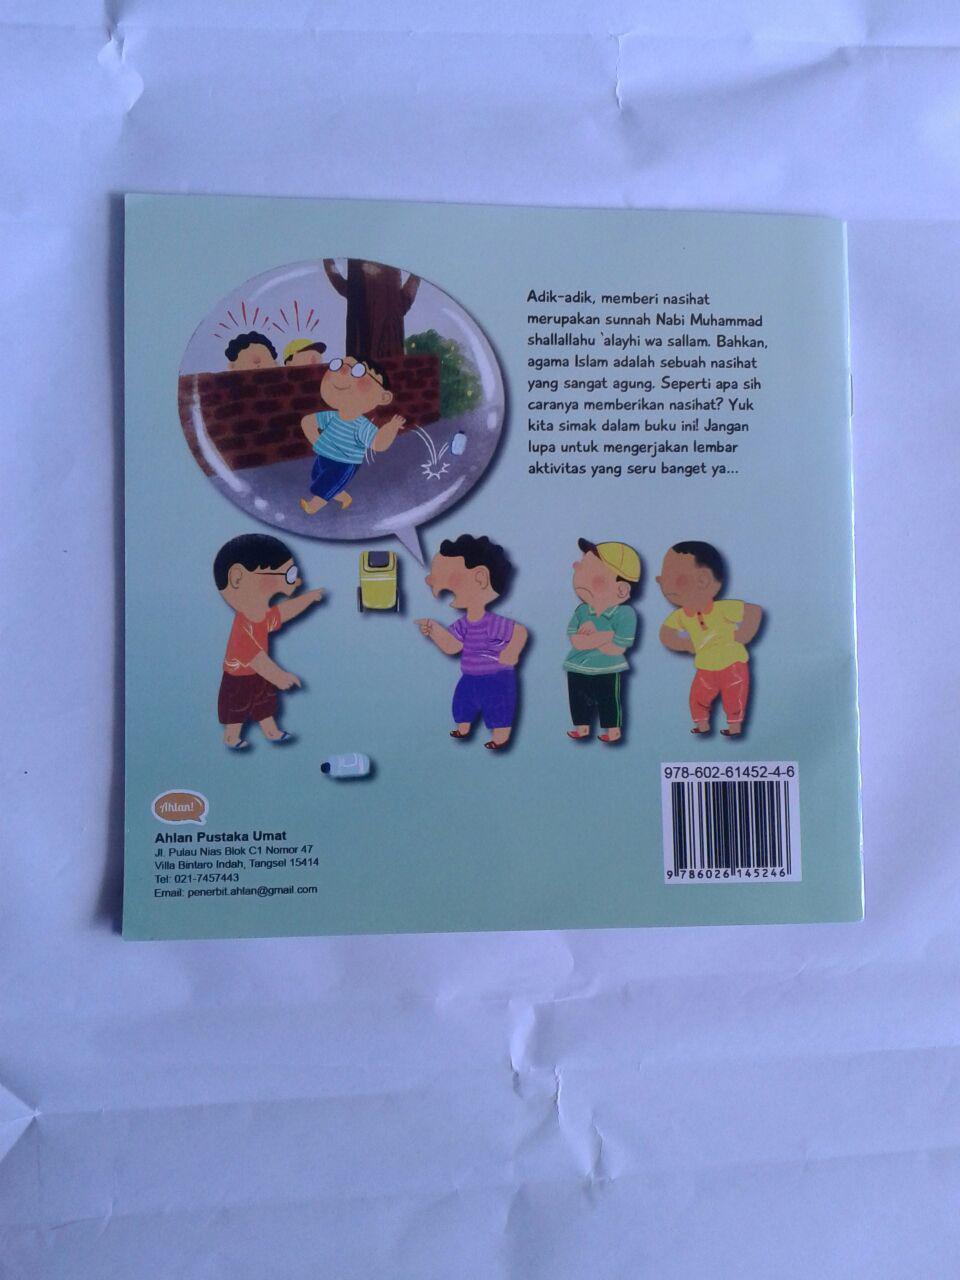 Buku Anak Berbagi Nasihat Yuk cover